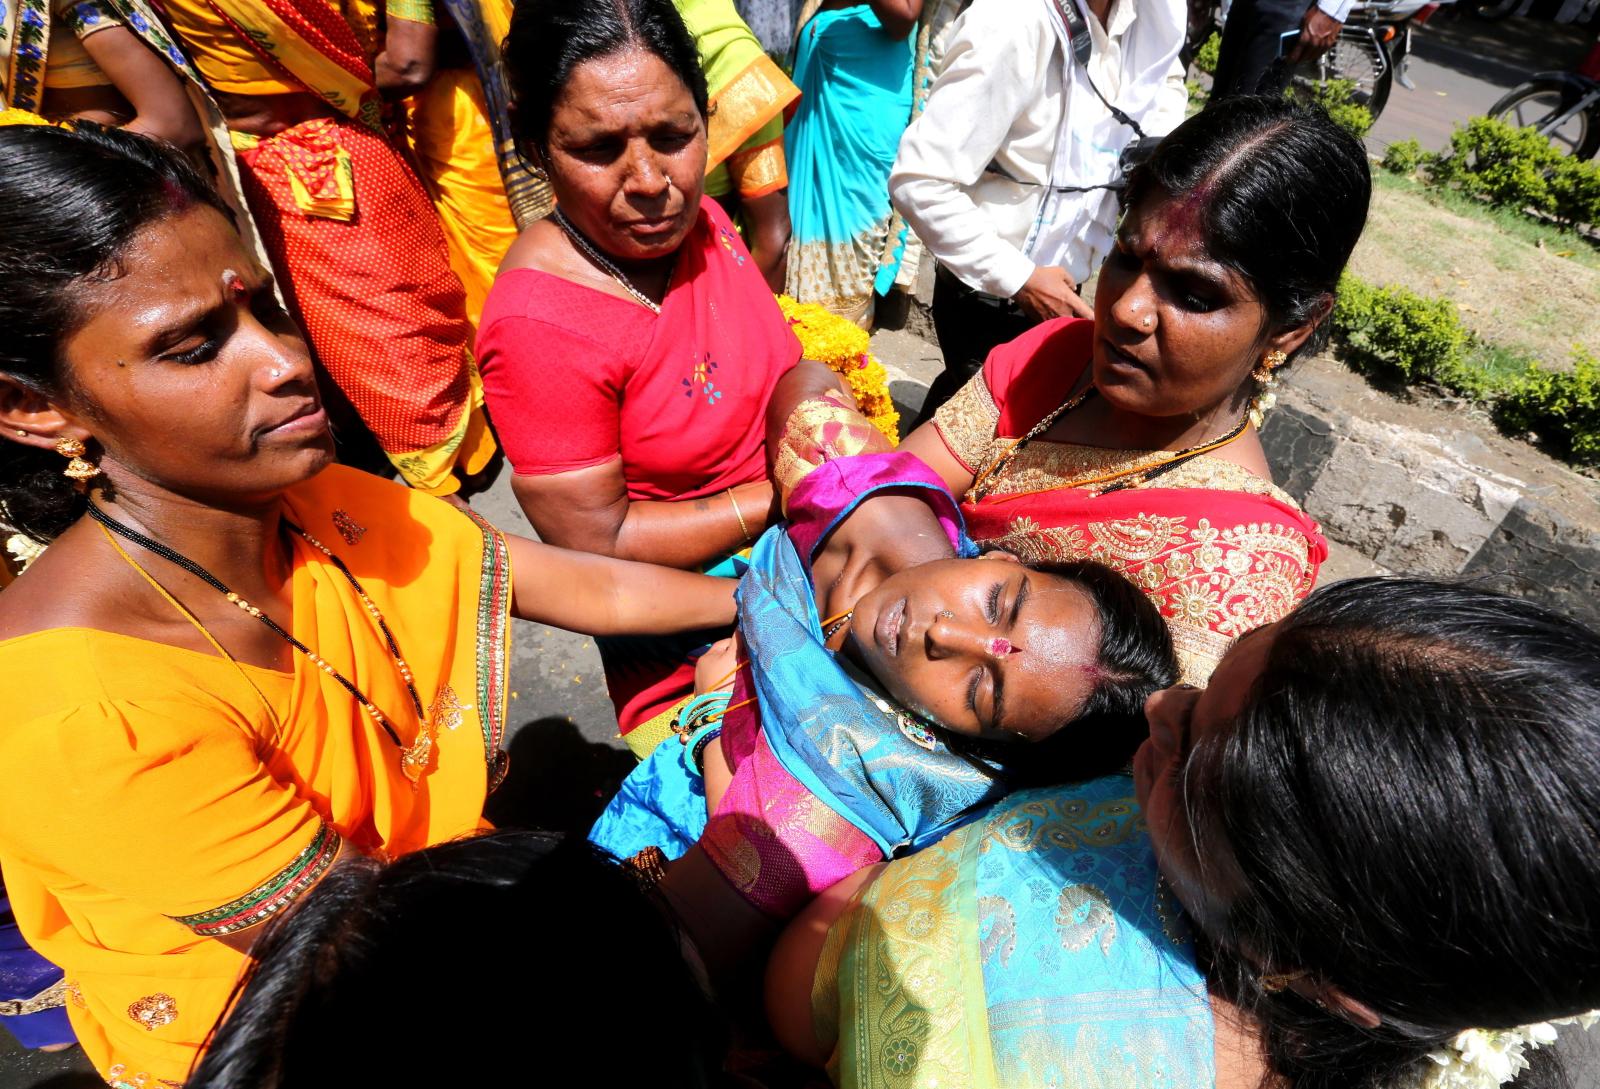 Społeczność tamilska bierze udział w procesji religijnej na cześć bogini Kali i Mariamman Puja, Indie/EPA/SANJEEV GUPTA